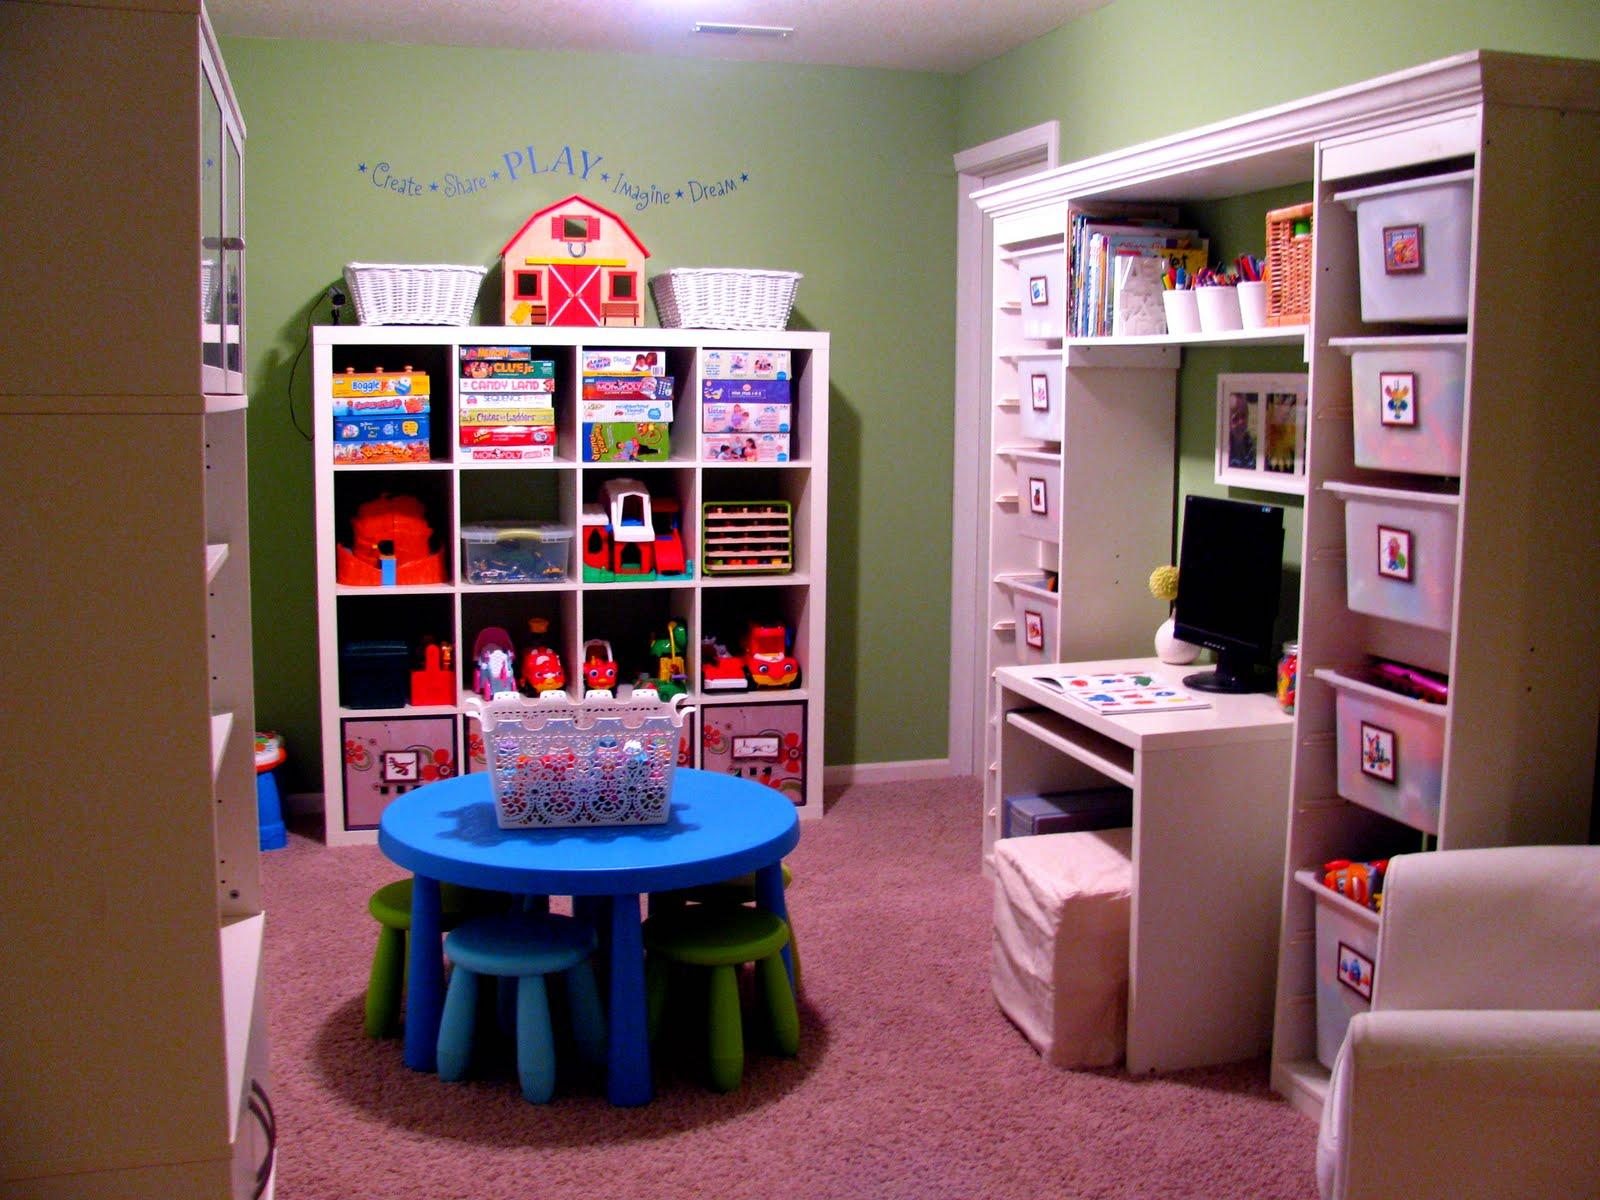 Drawn bookcase organized DIY Ideas drawn DIY (Expedit)